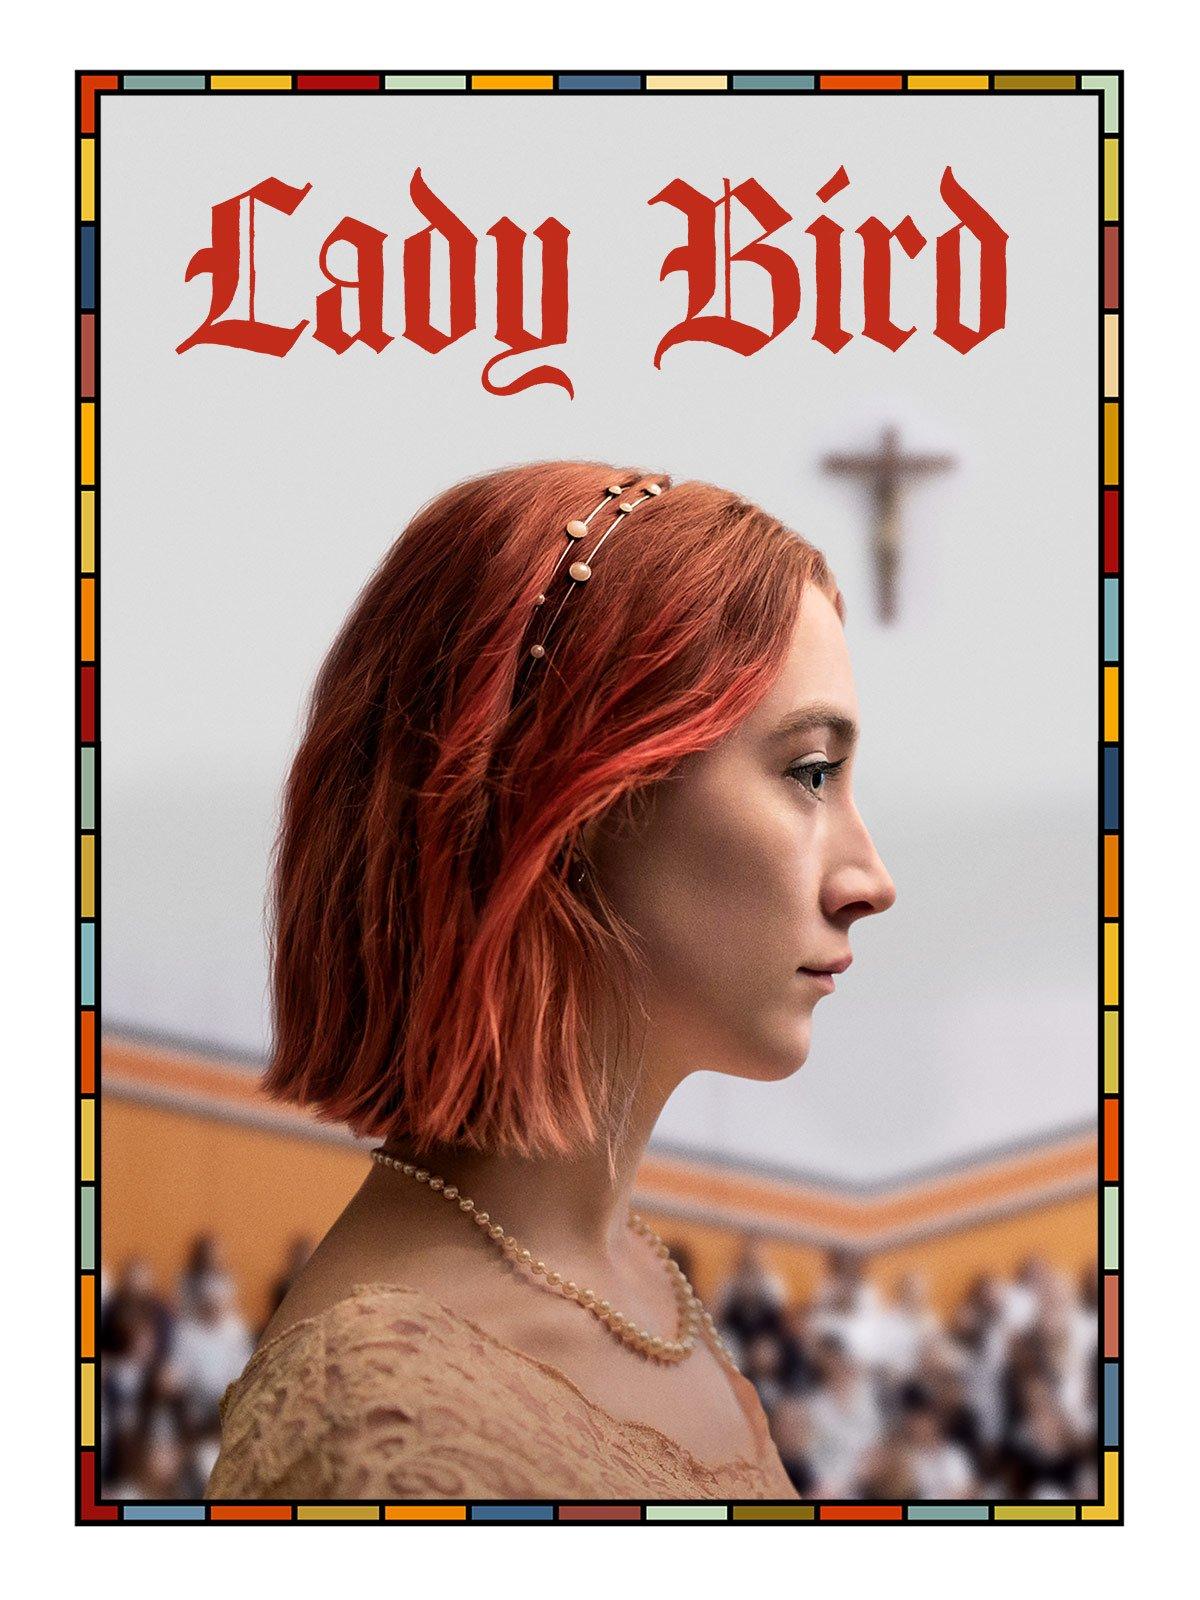 Ladybird movie release date online